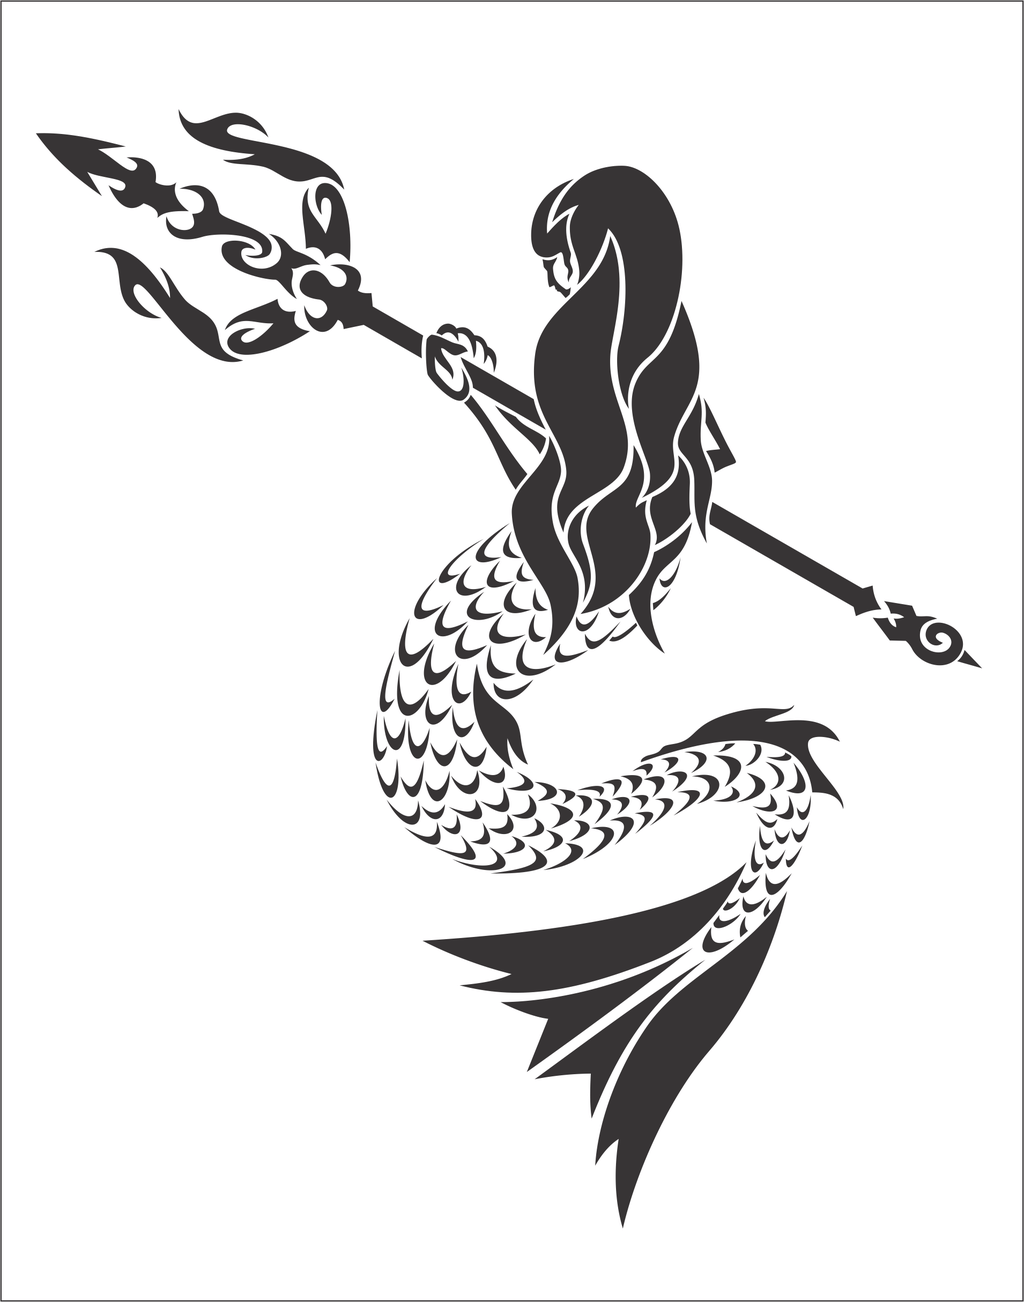 Mermaid Drawing Cliparts At Getdrawings